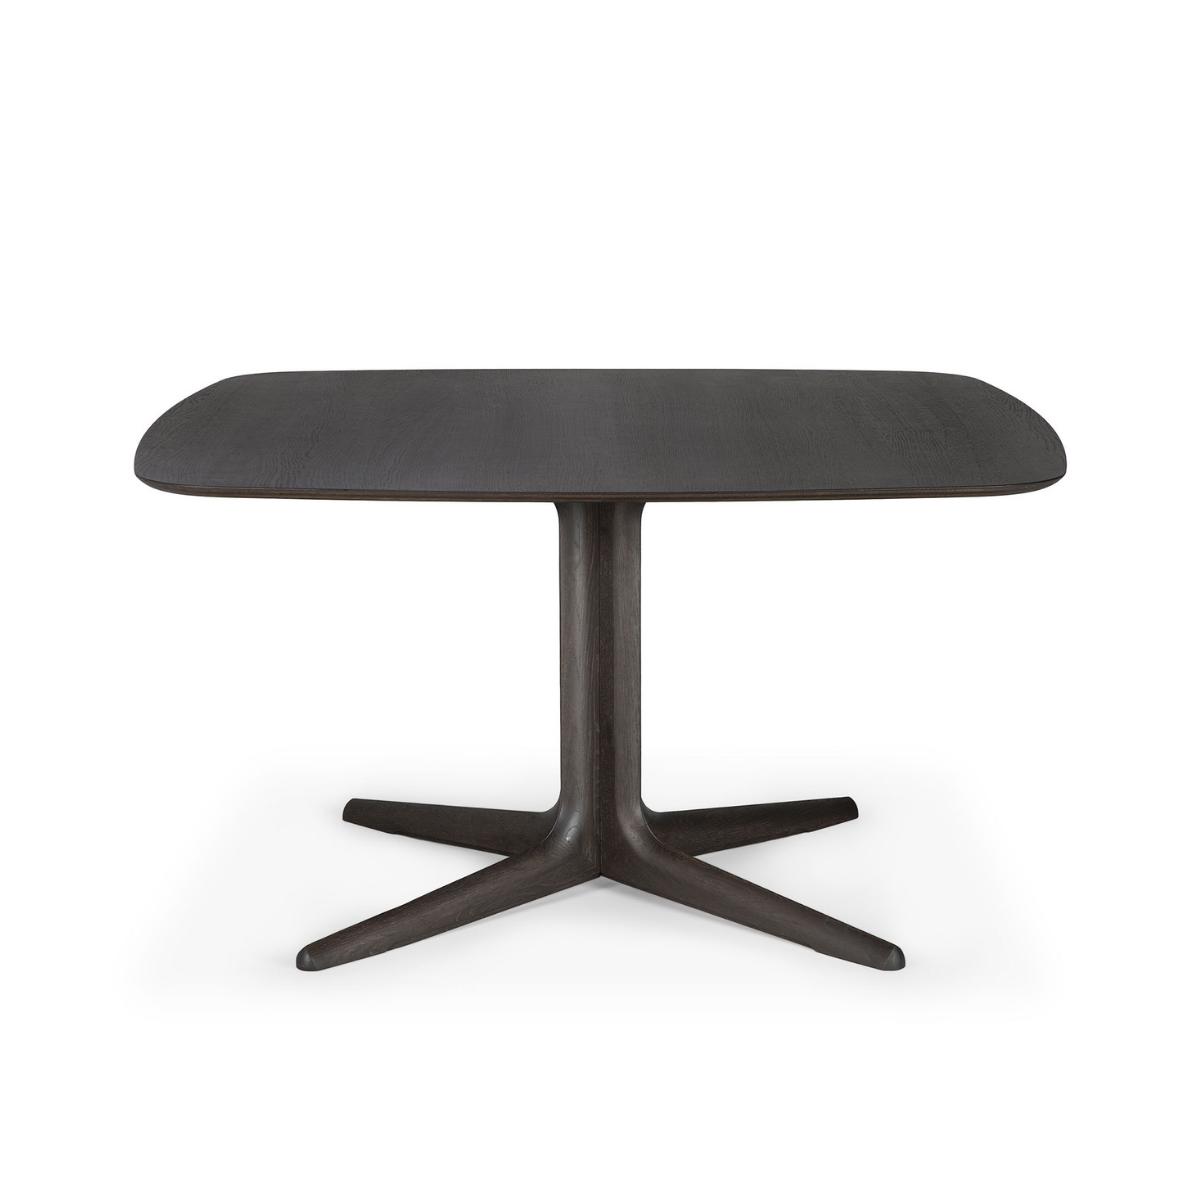 Kwadratowy stół dębowy Corto Brown Ethnicraft